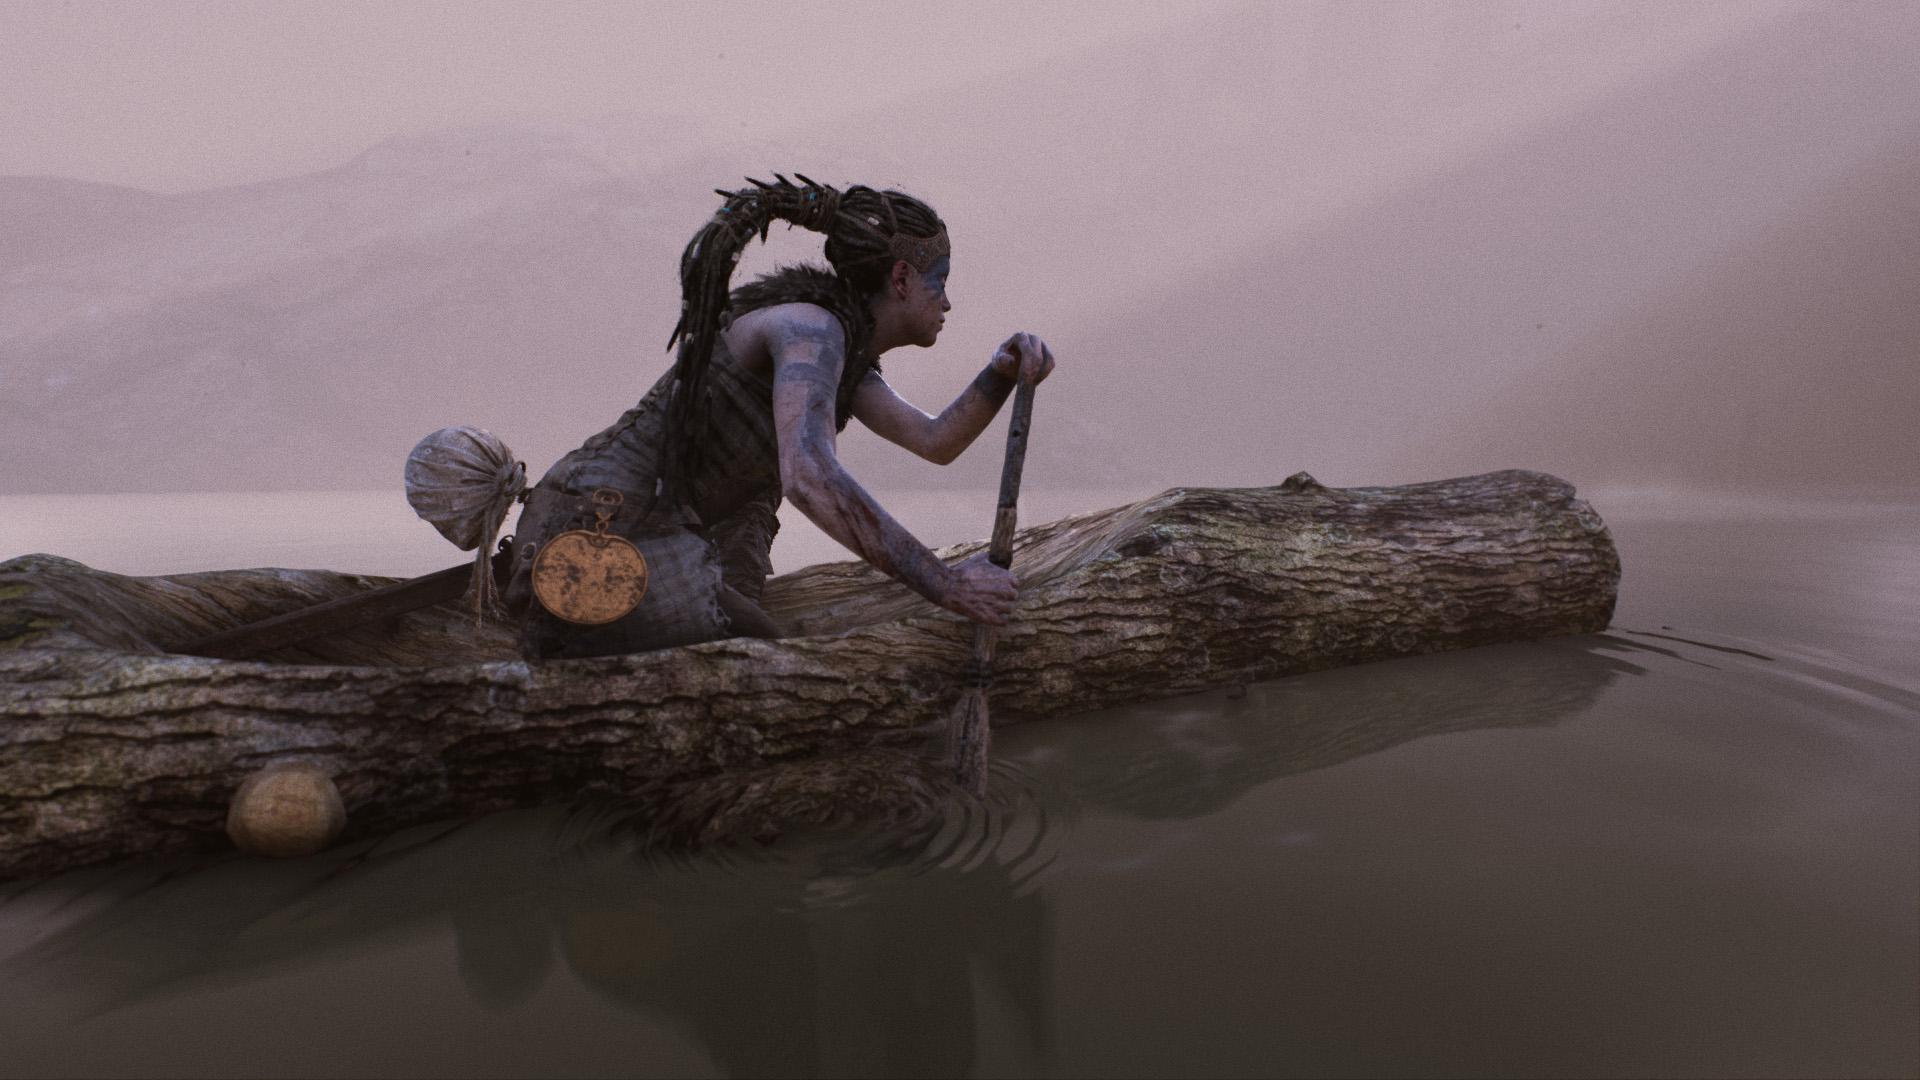 Woman paddling a log through water